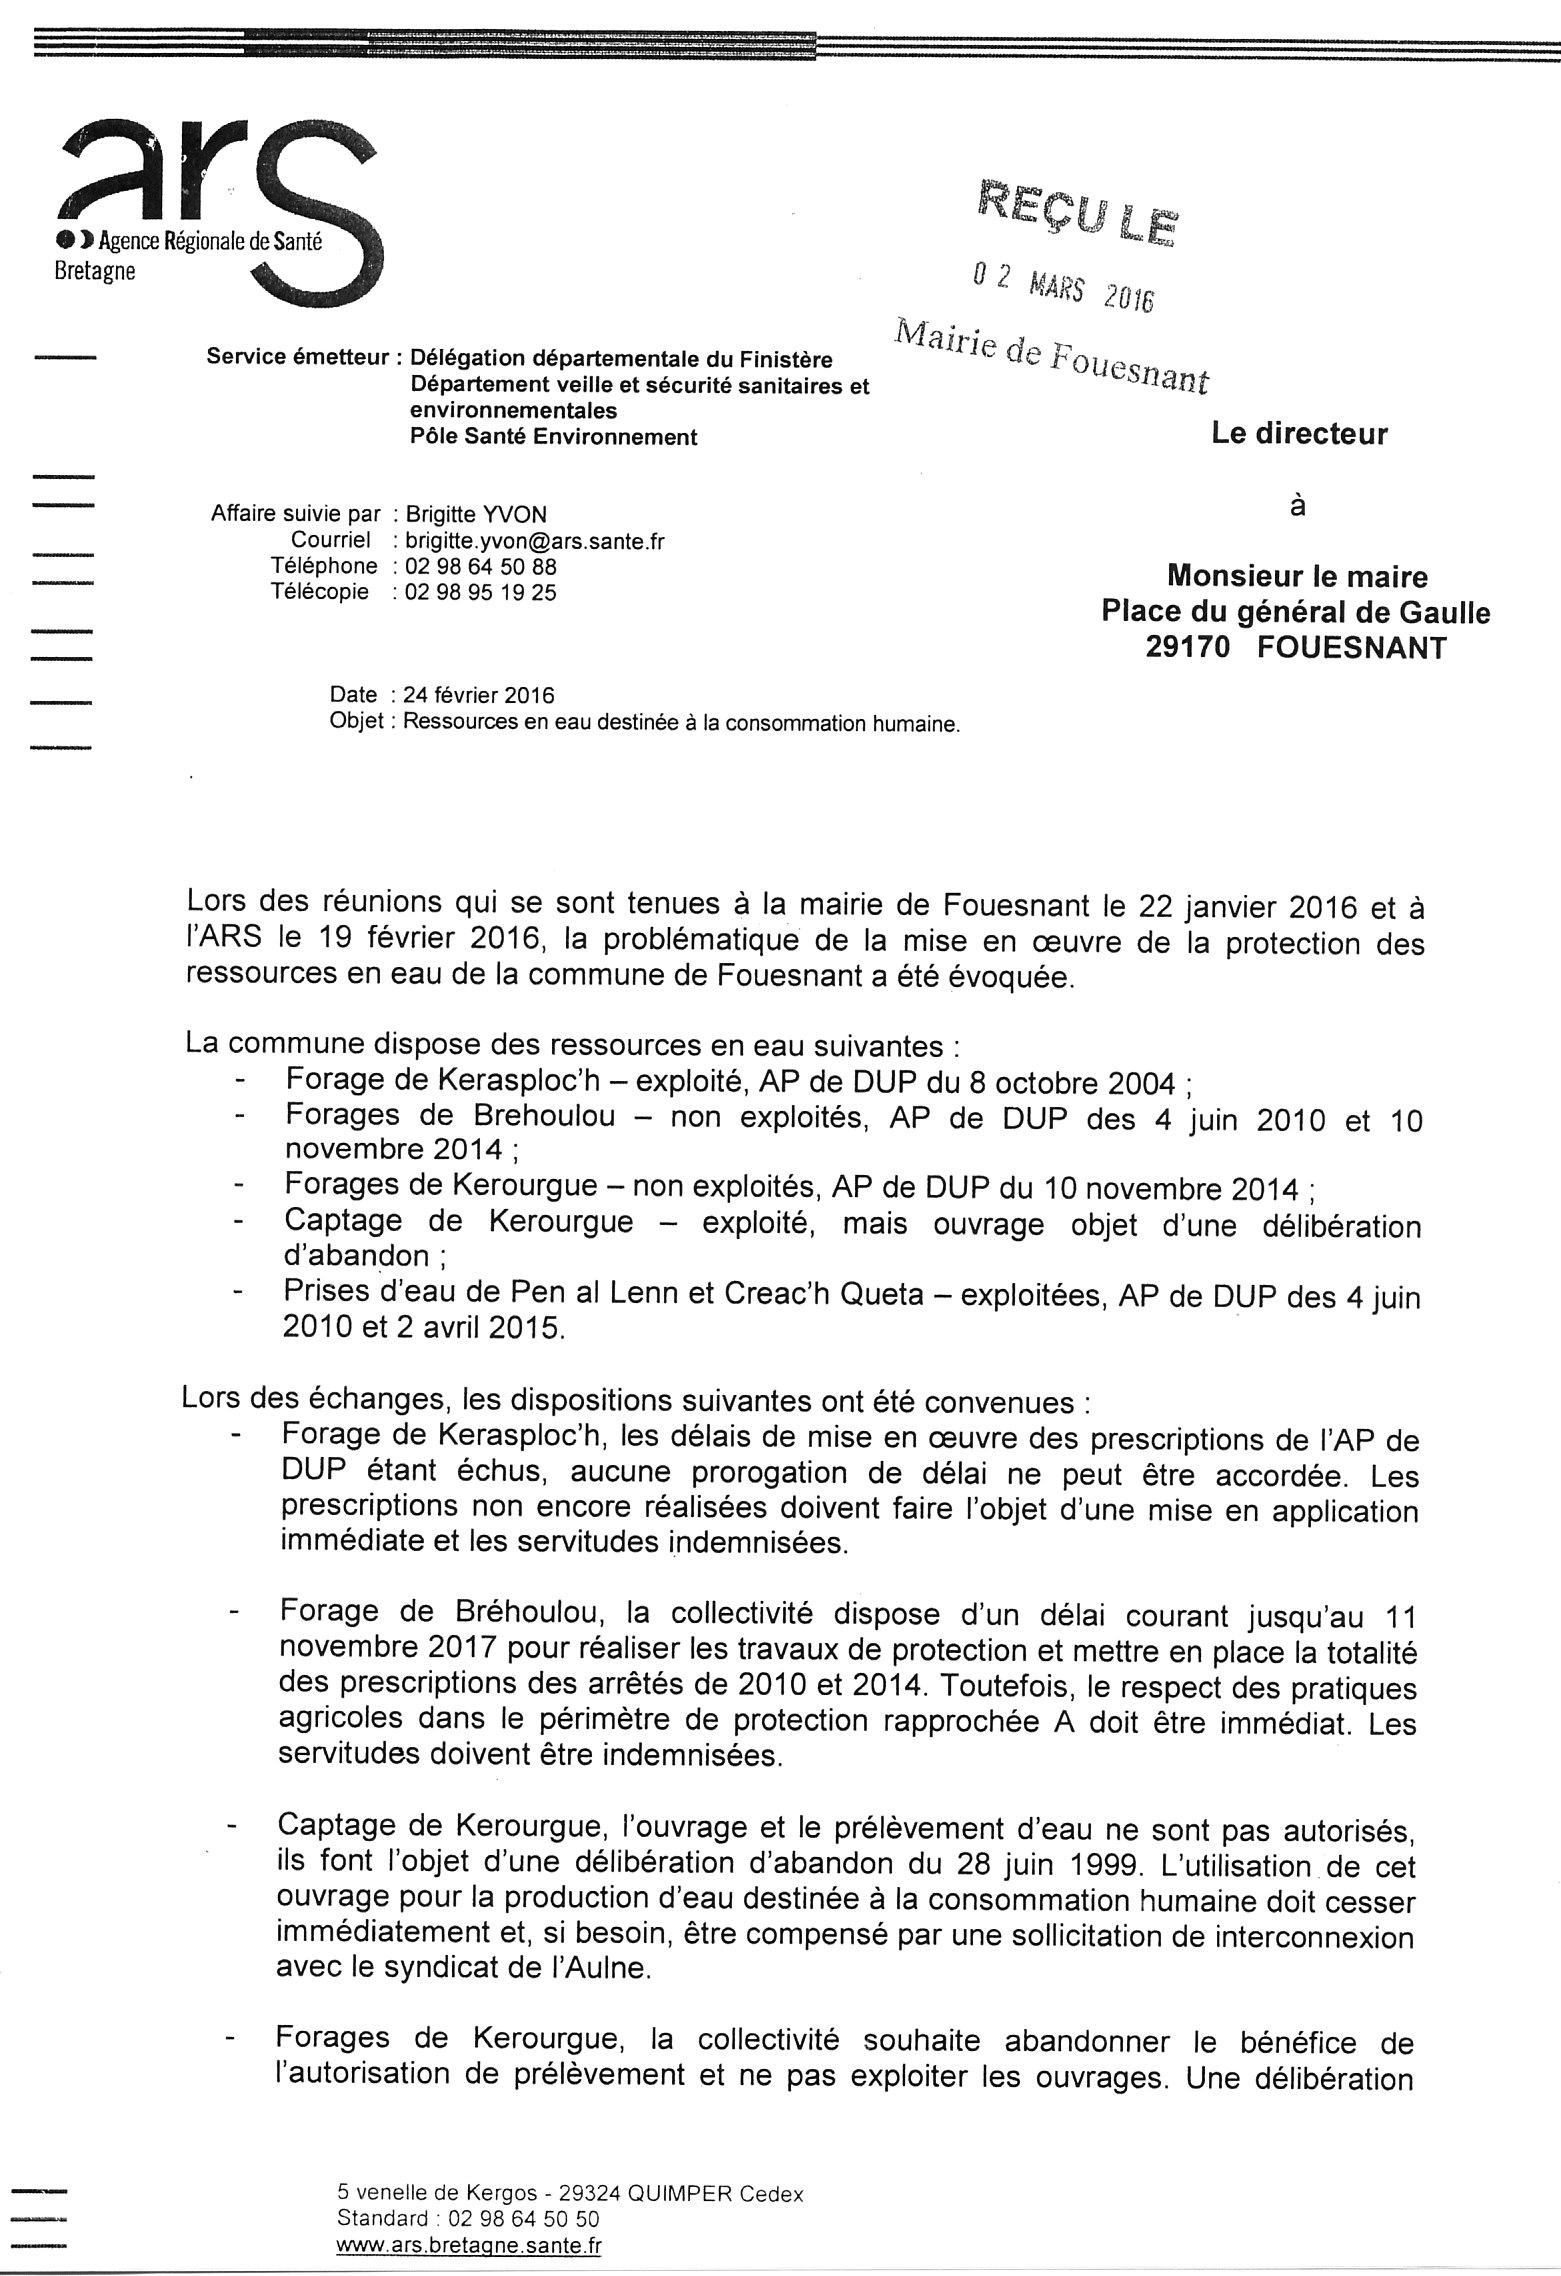 lettrears24fev2016-1